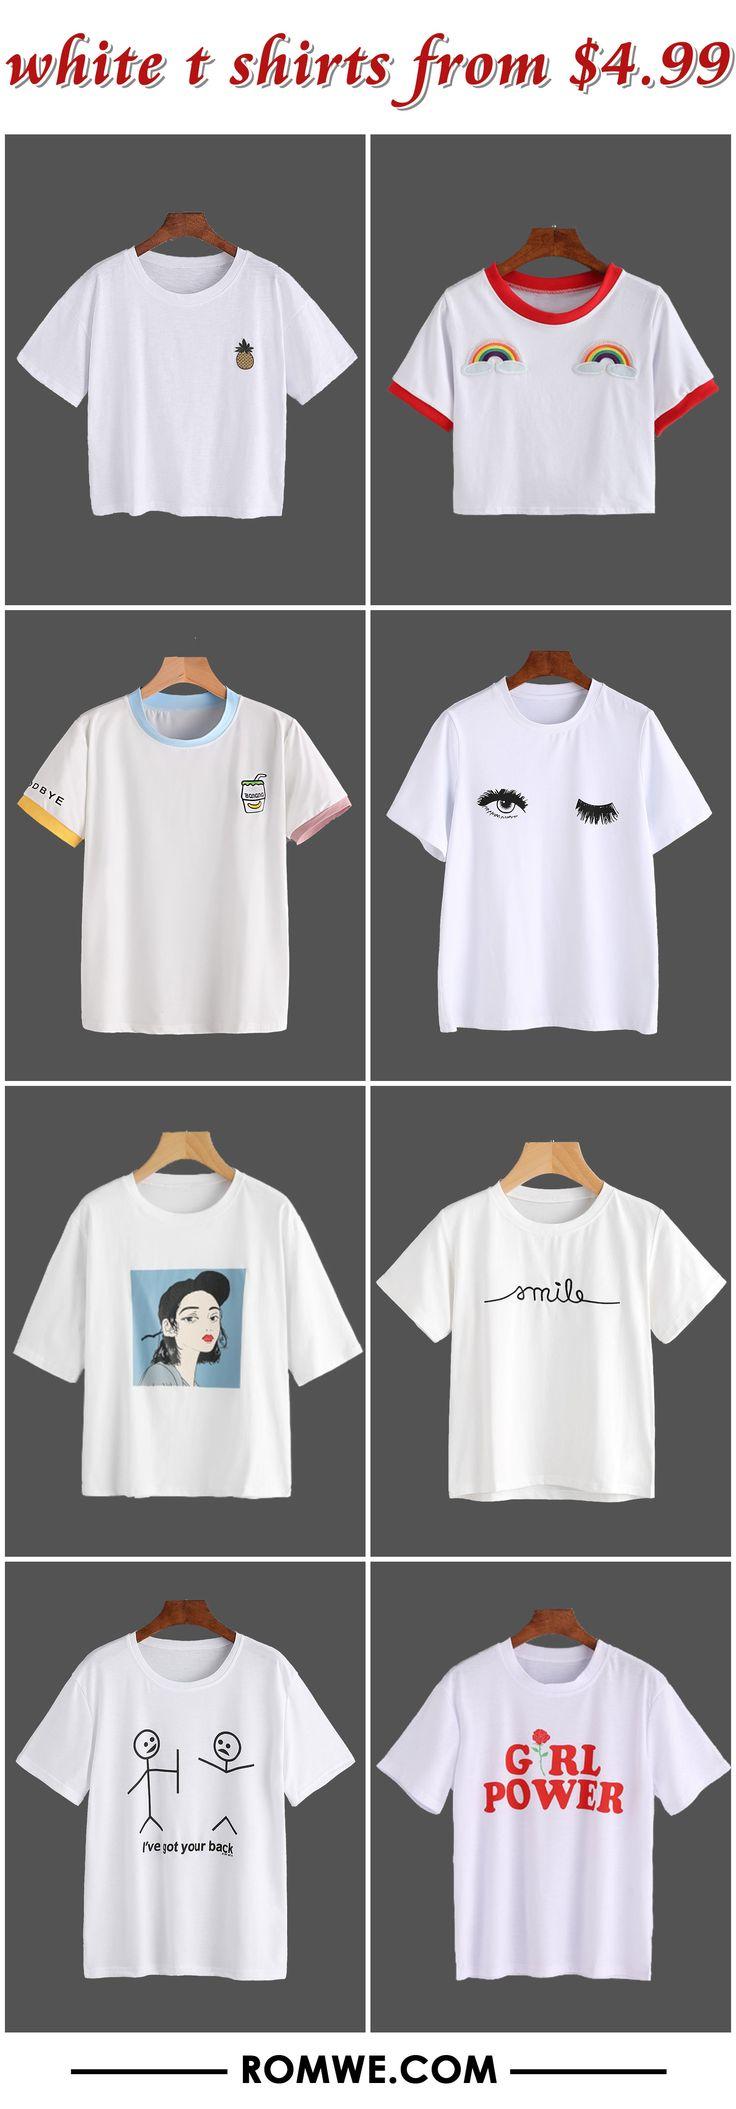 white t shirts 2017 - romwe.com